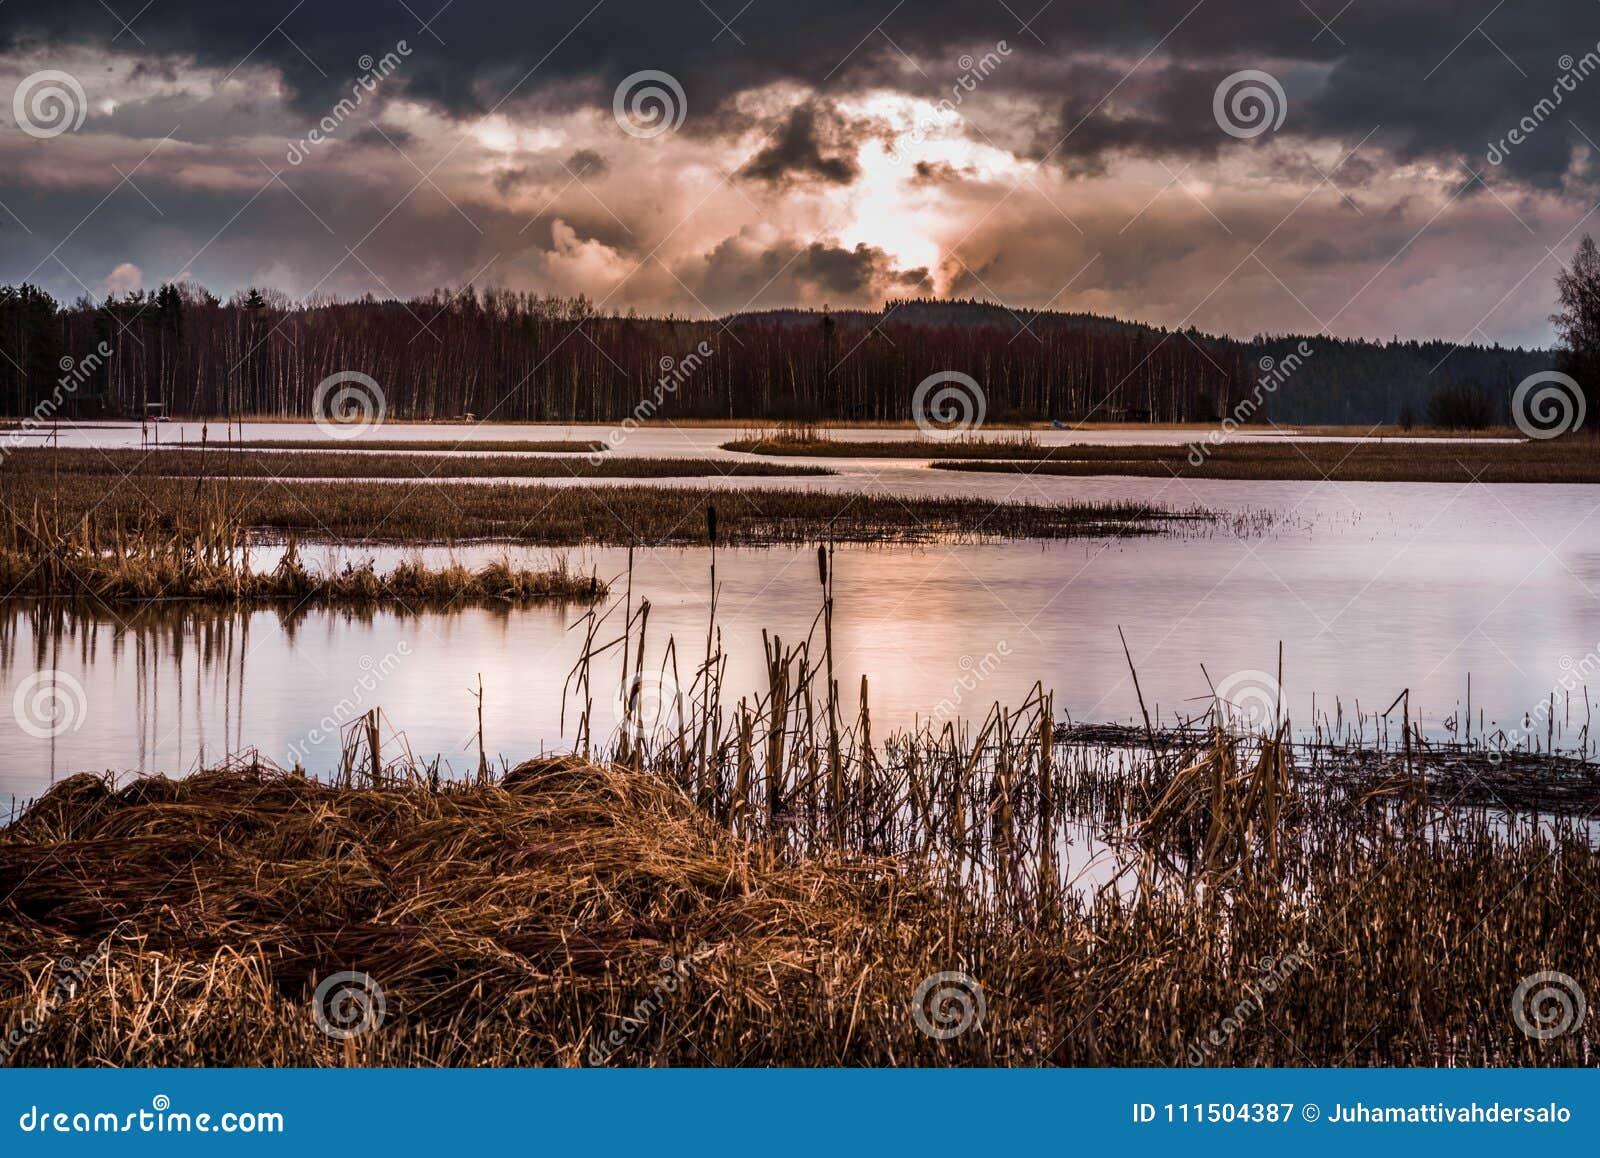 Burzowy krajobrazowy nadjeziorny widok z wschodem słońca